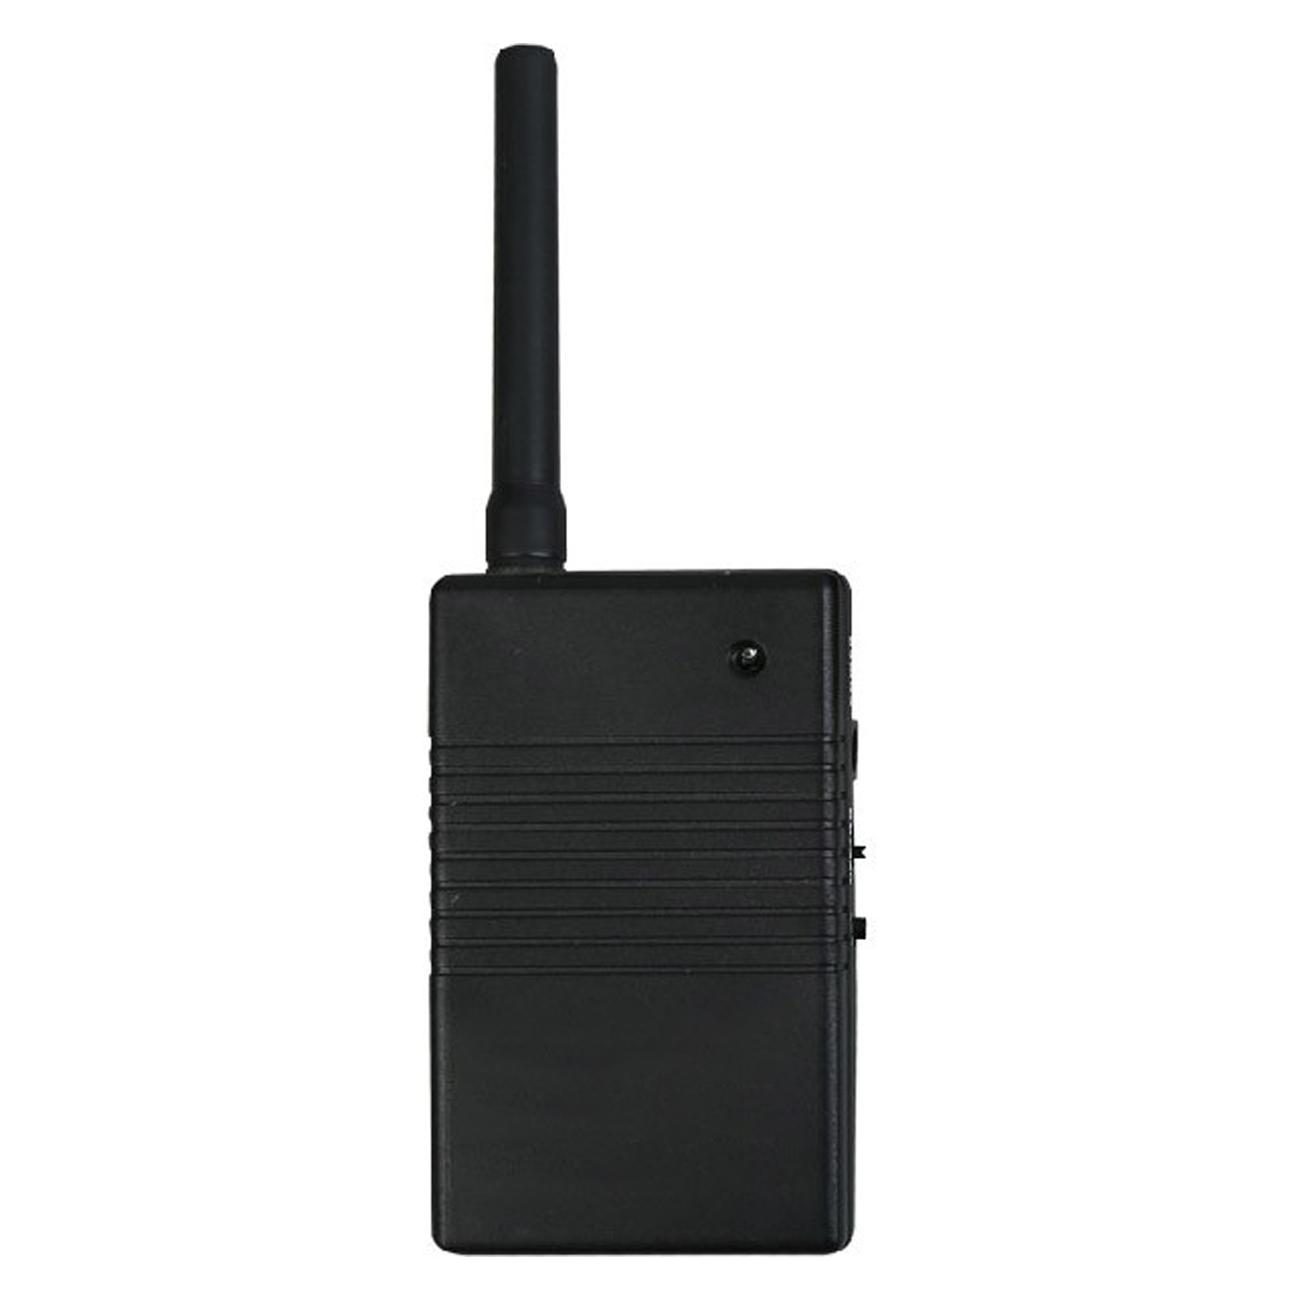 Фото Ретранслятор, повторитель сигнала Rexant GS-247 для сигнализации GS-115 {46-0247}